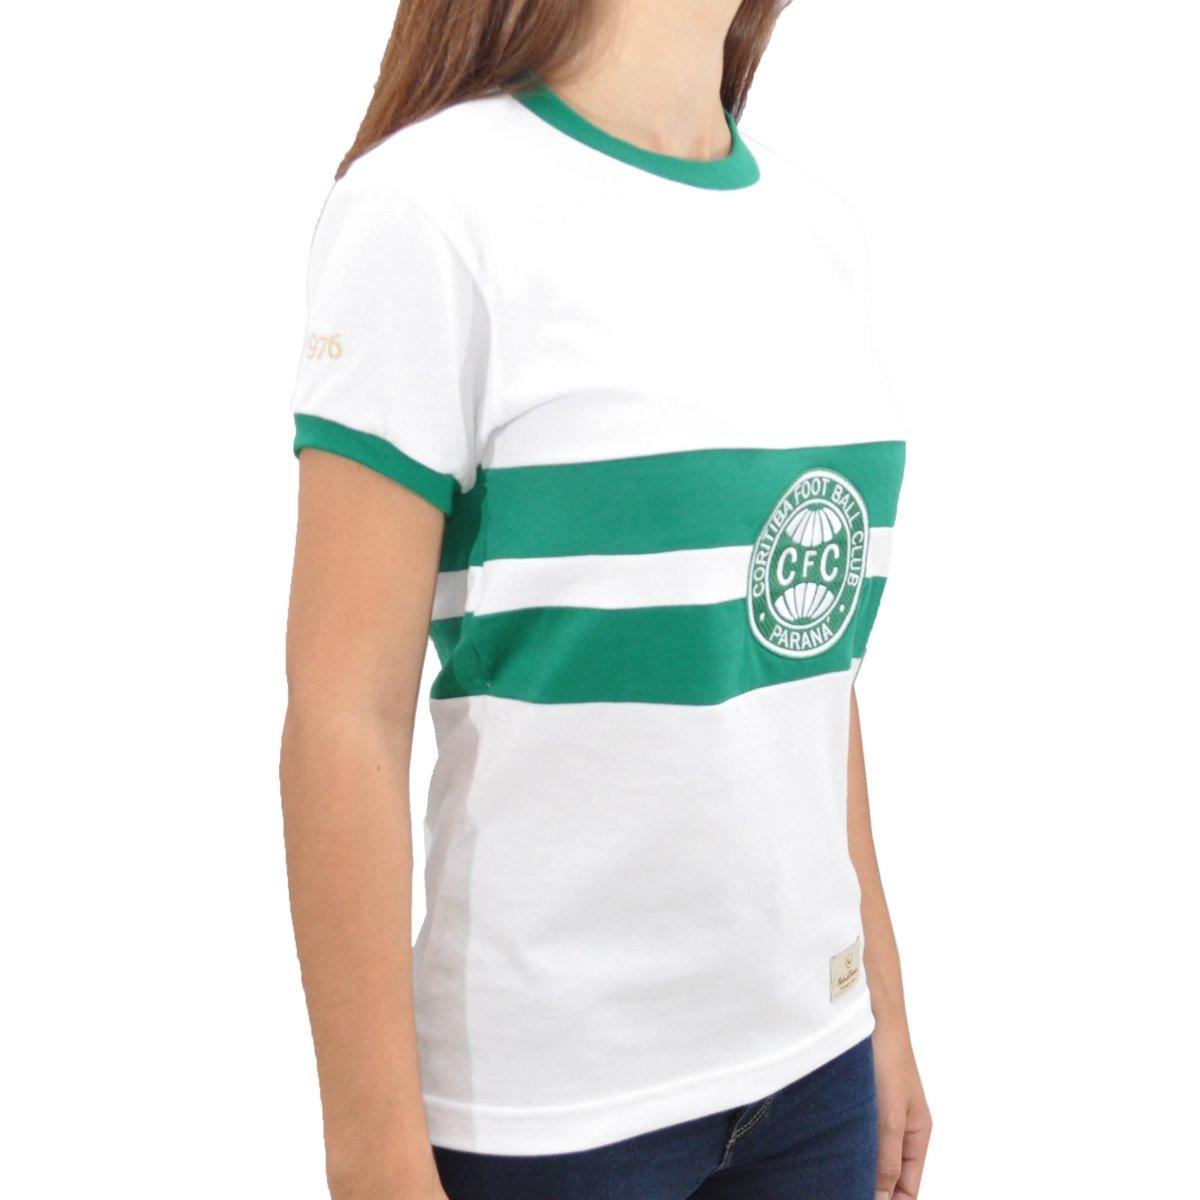 Coritiba Camisa 1976 Feminina Retrô Retrô Branco Mania Mania Camisa g4Yqw5